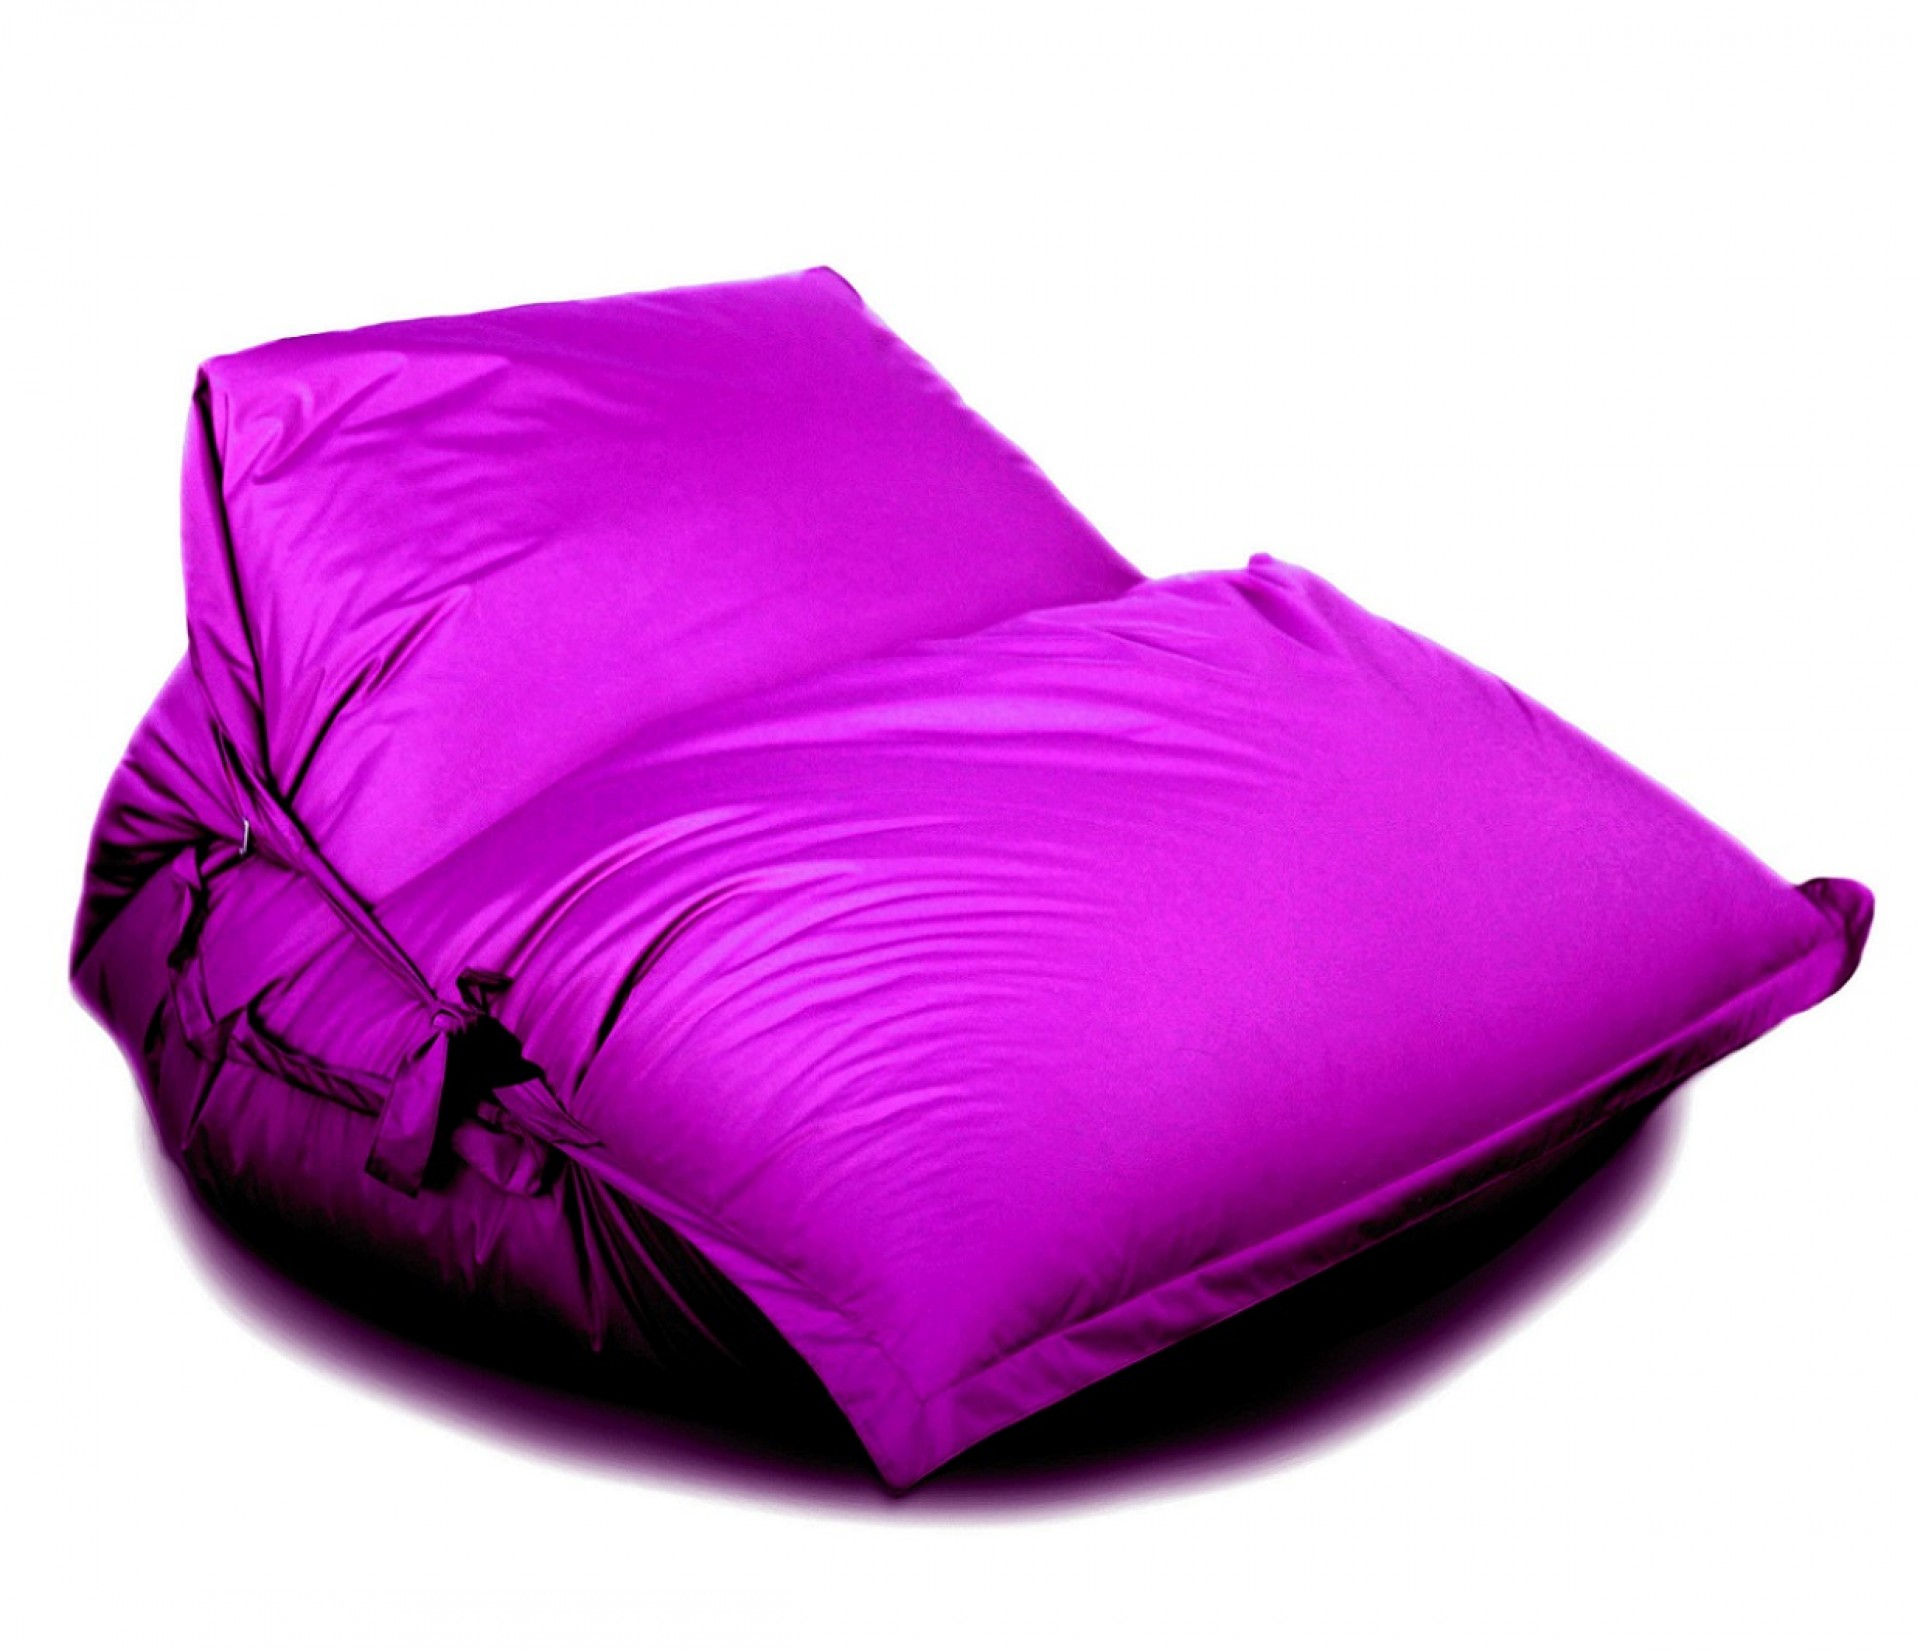 Кресло-подушка-трансформер Нейлон с ремнями